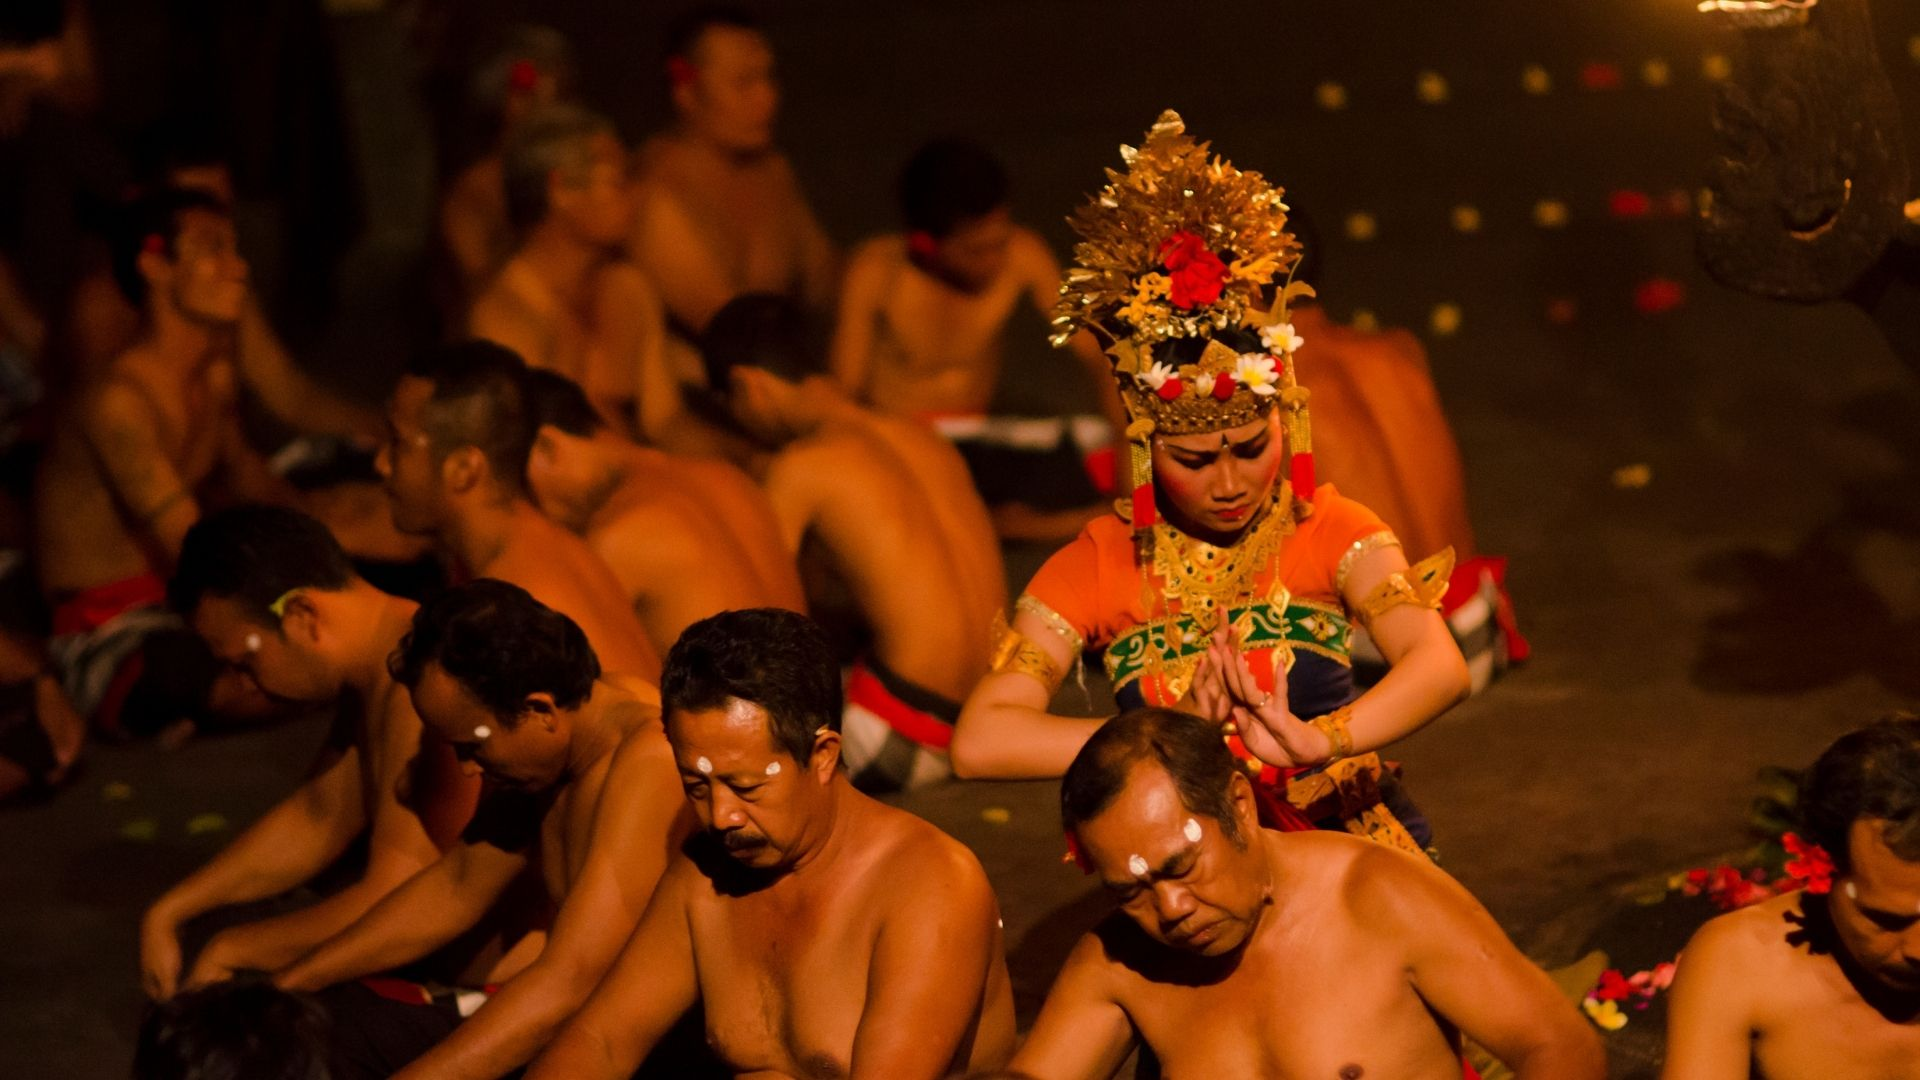 El Kecak es un baile tradicional de Bali